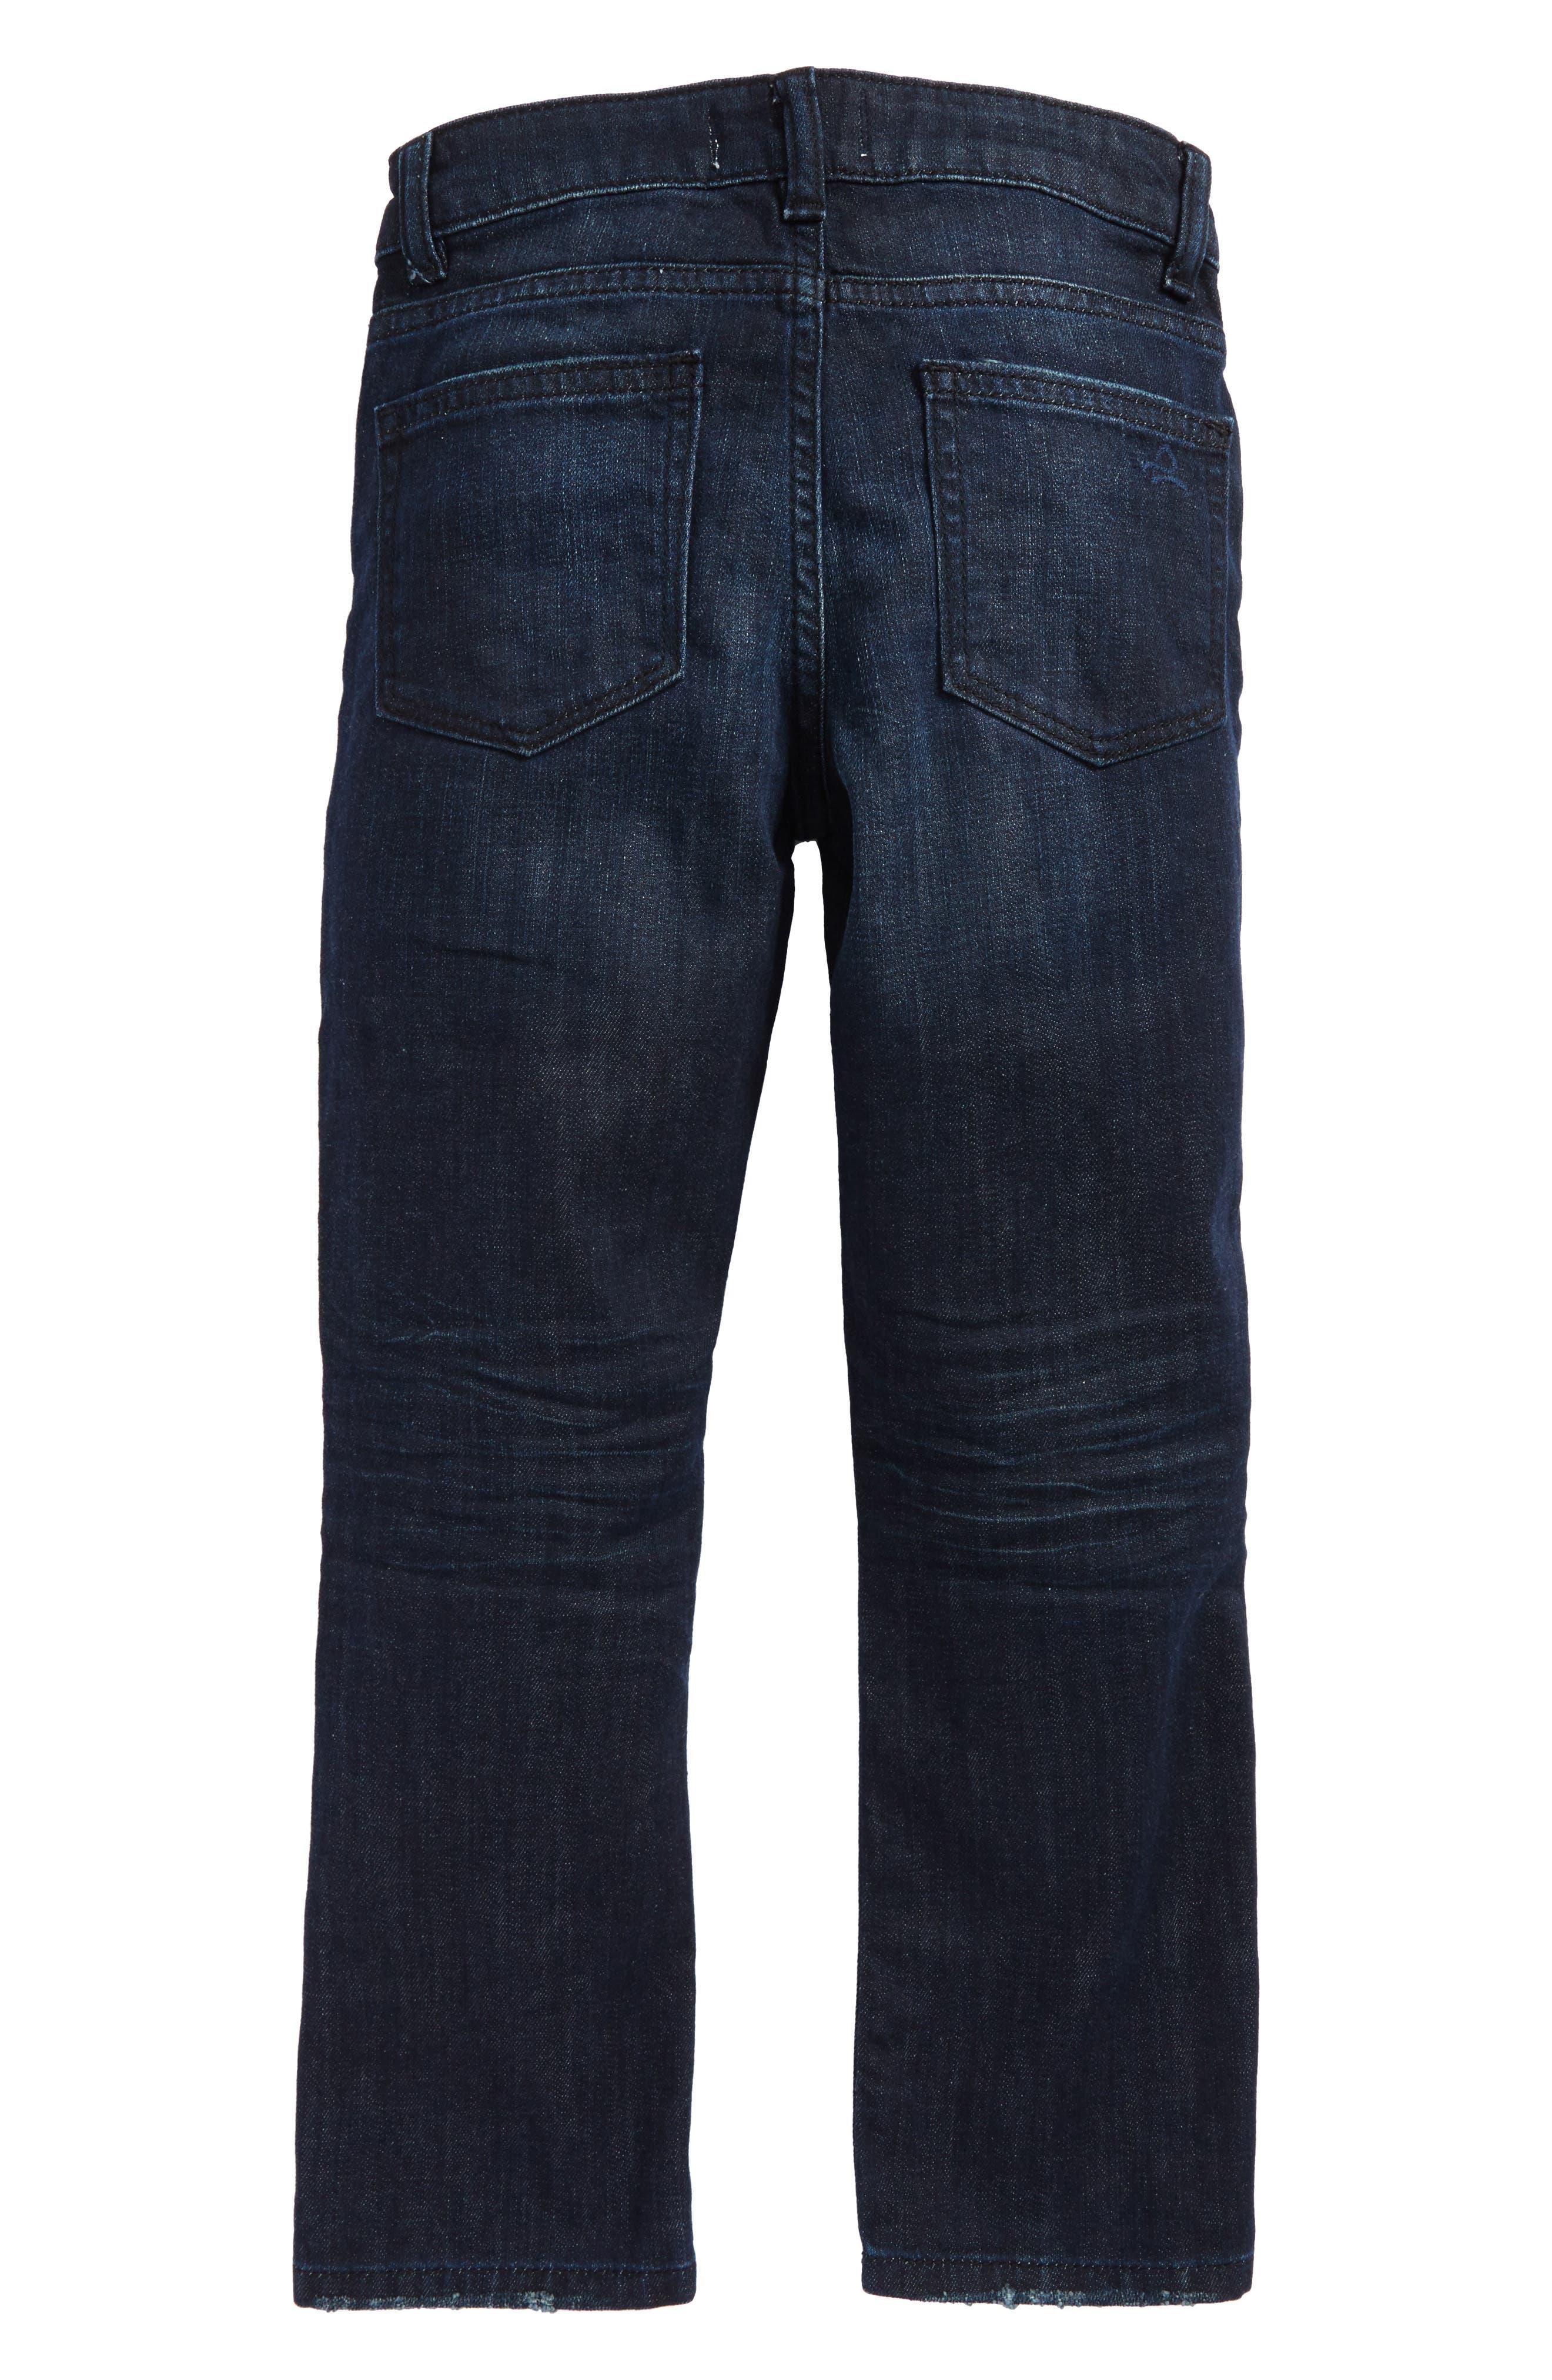 DL 1961 Brady Slim Fit Jeans,                             Alternate thumbnail 2, color,                             405